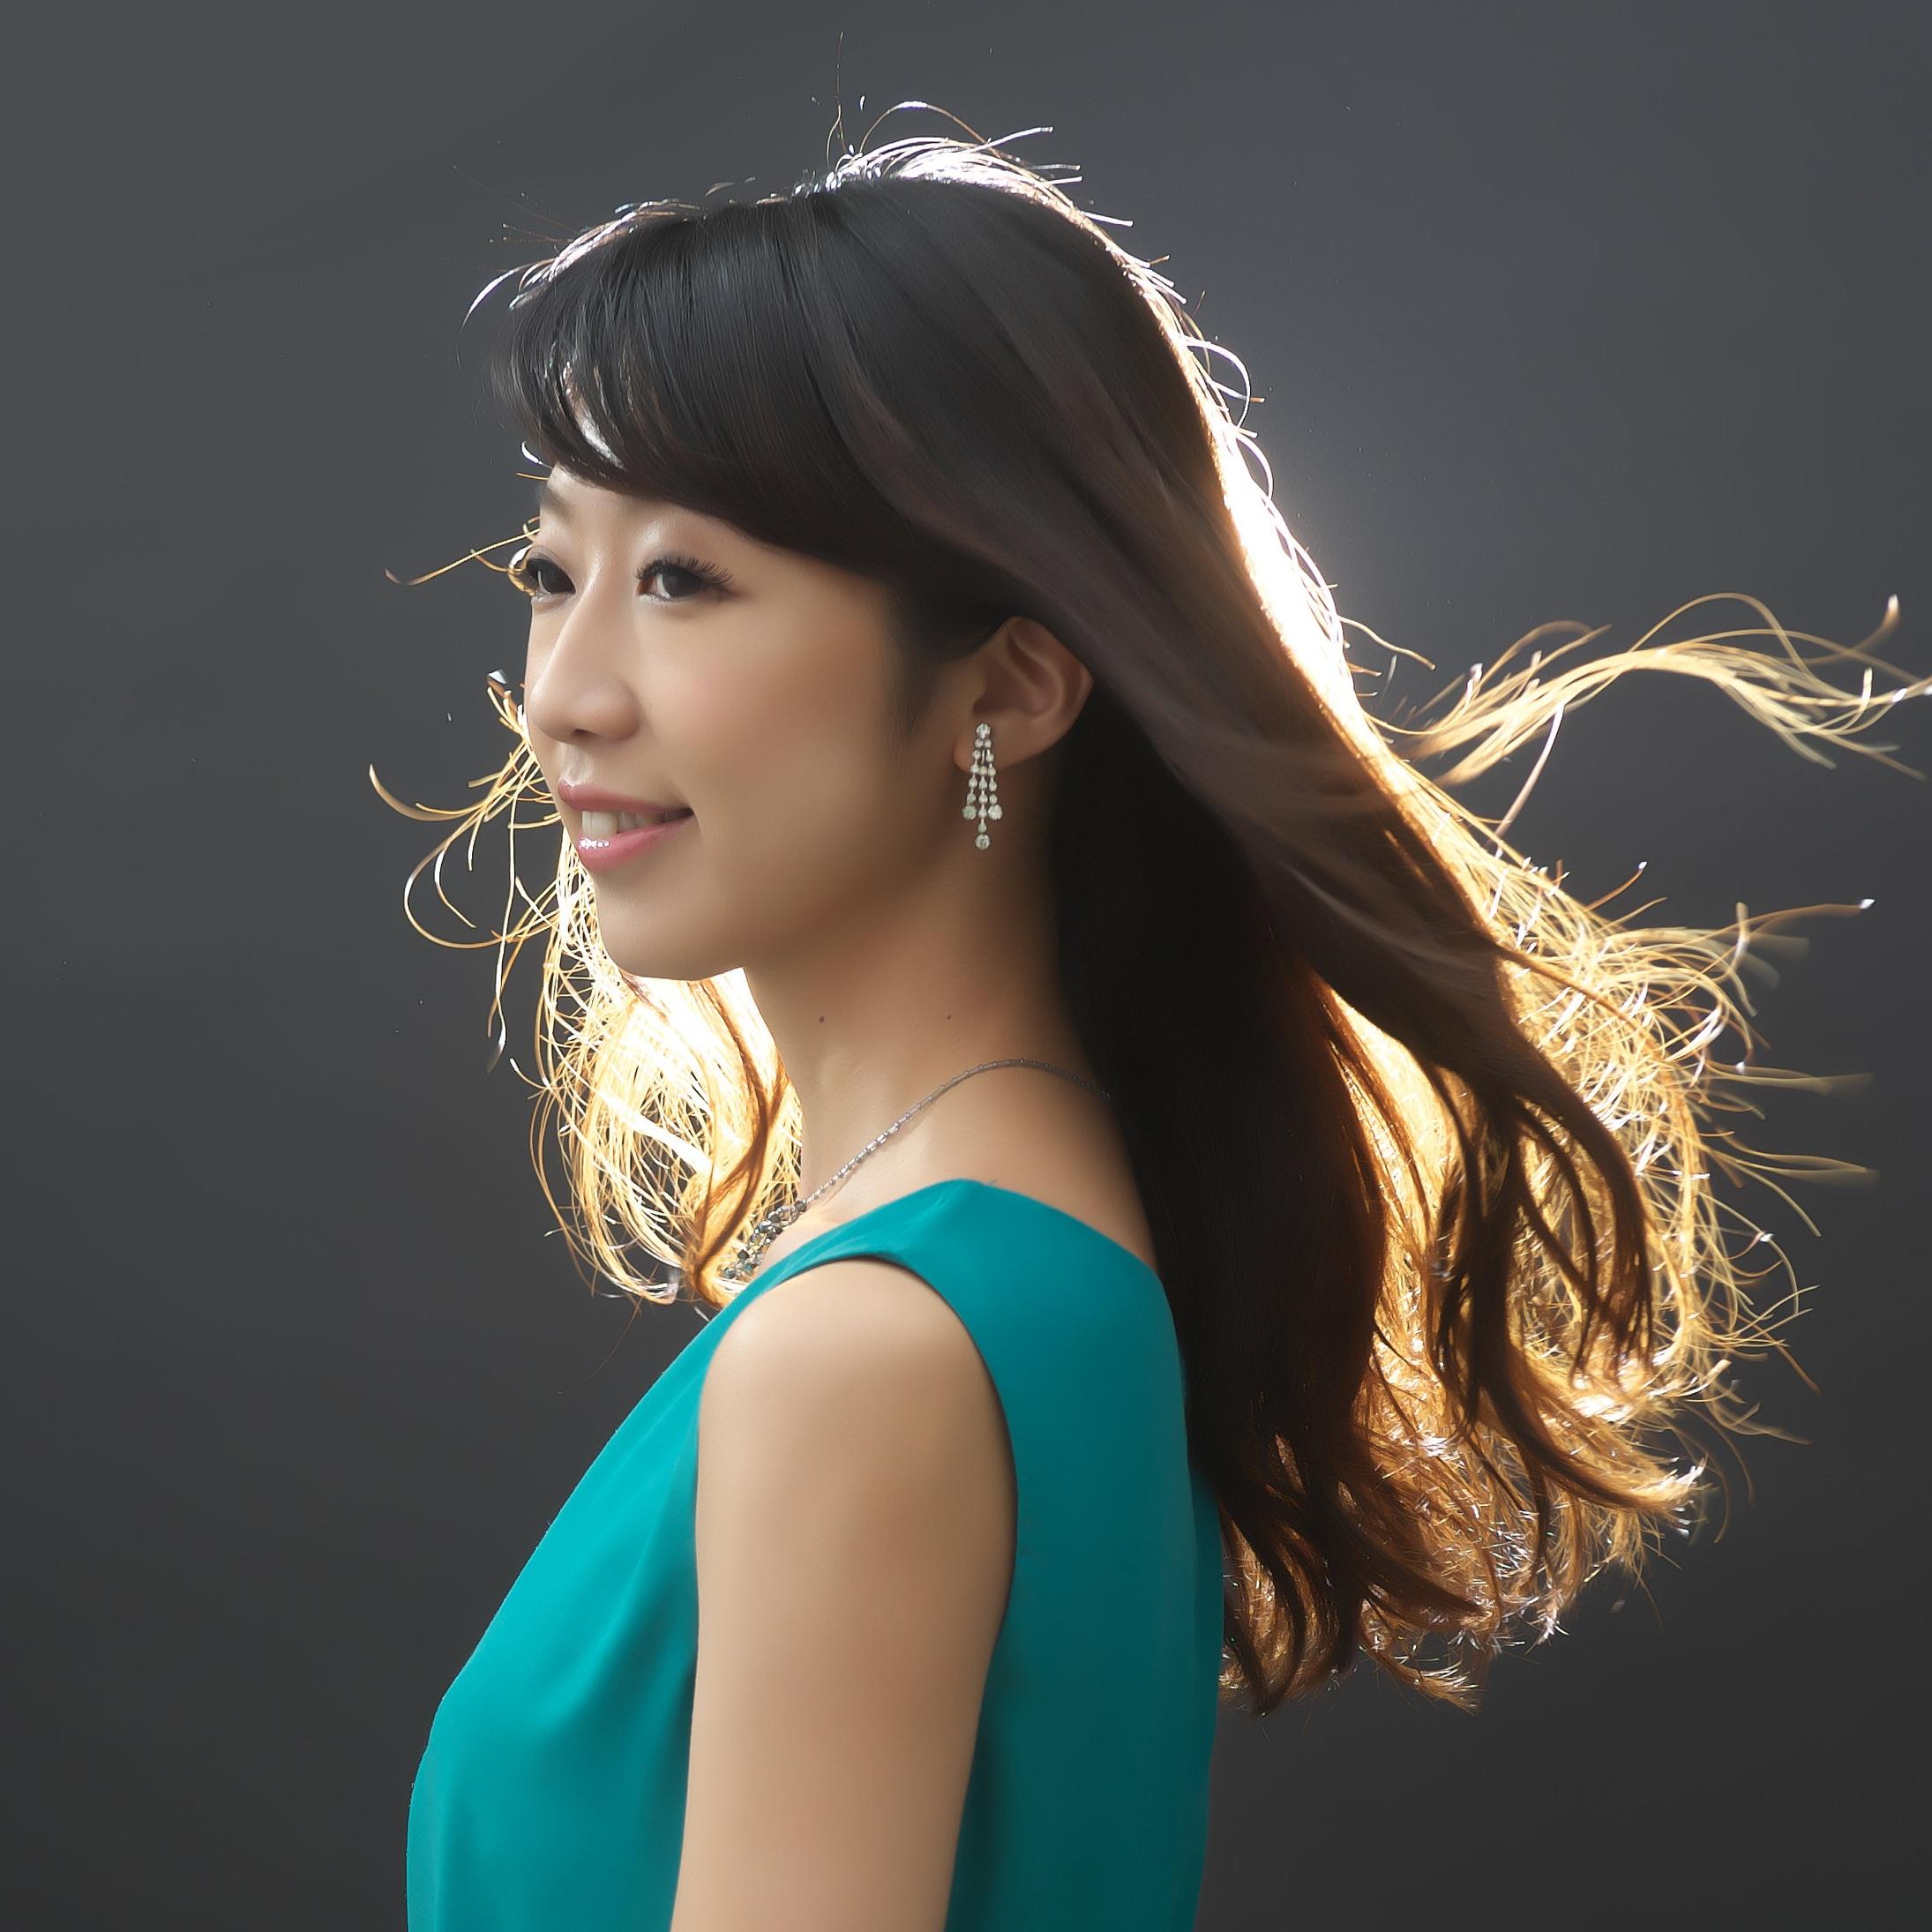 石丸由佳 Yuka Ishimaru, Organ (photo credit Naoko Nagasawa)